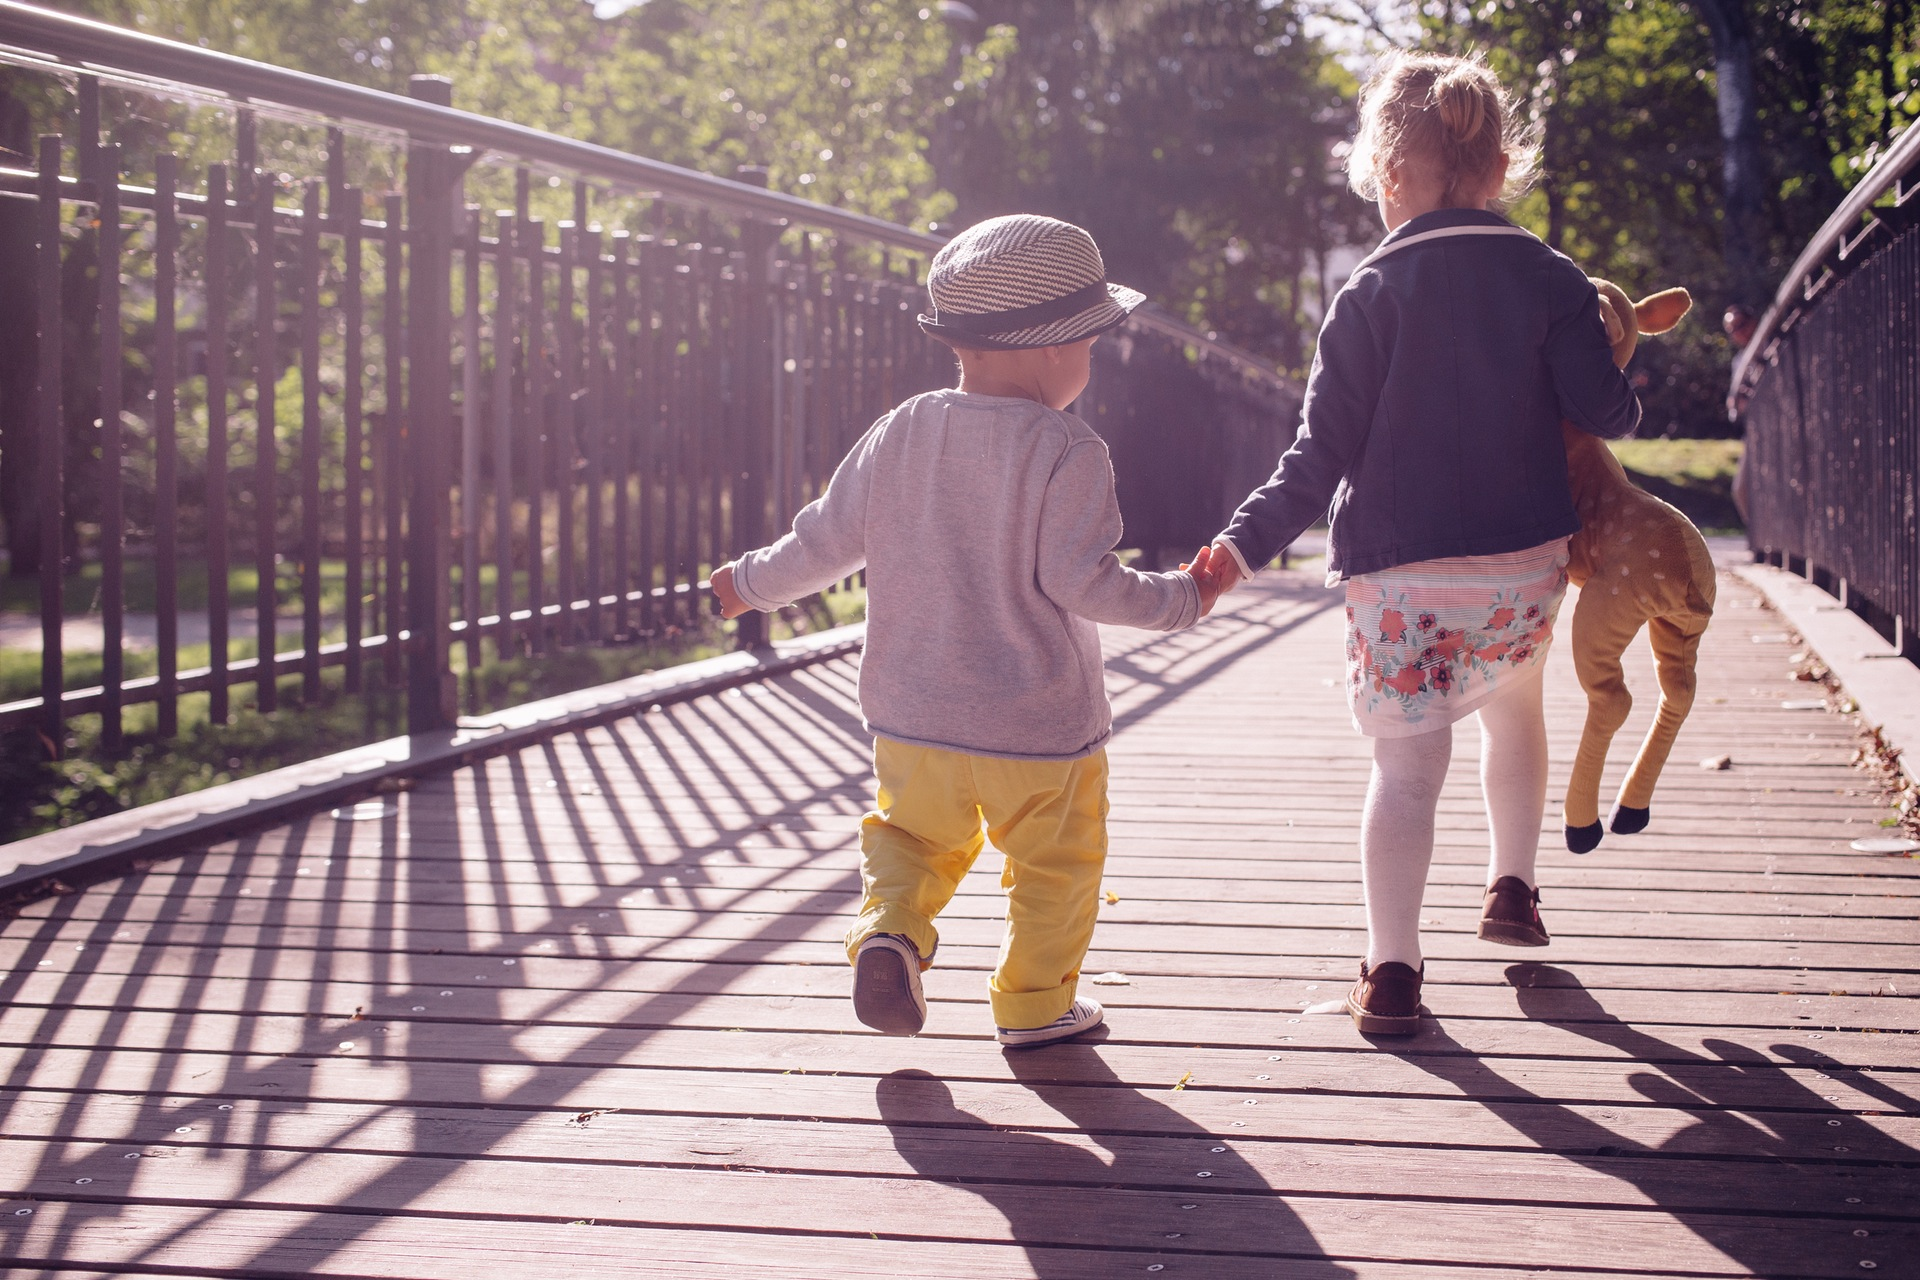 ハーフの子育ては困難が多い?子育てにおける悩みの3つ紹介